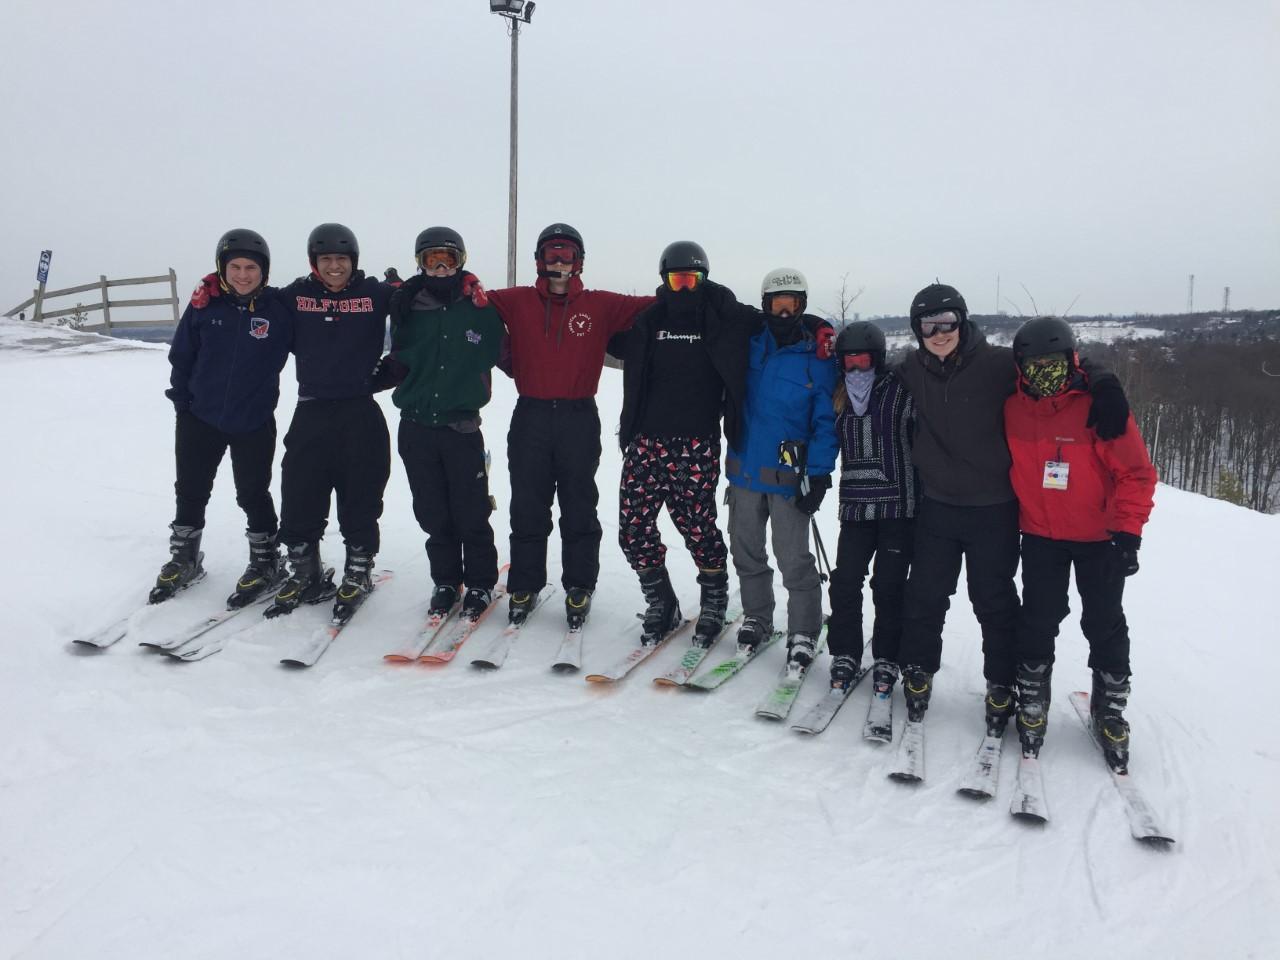 Boler Mountain Skiing